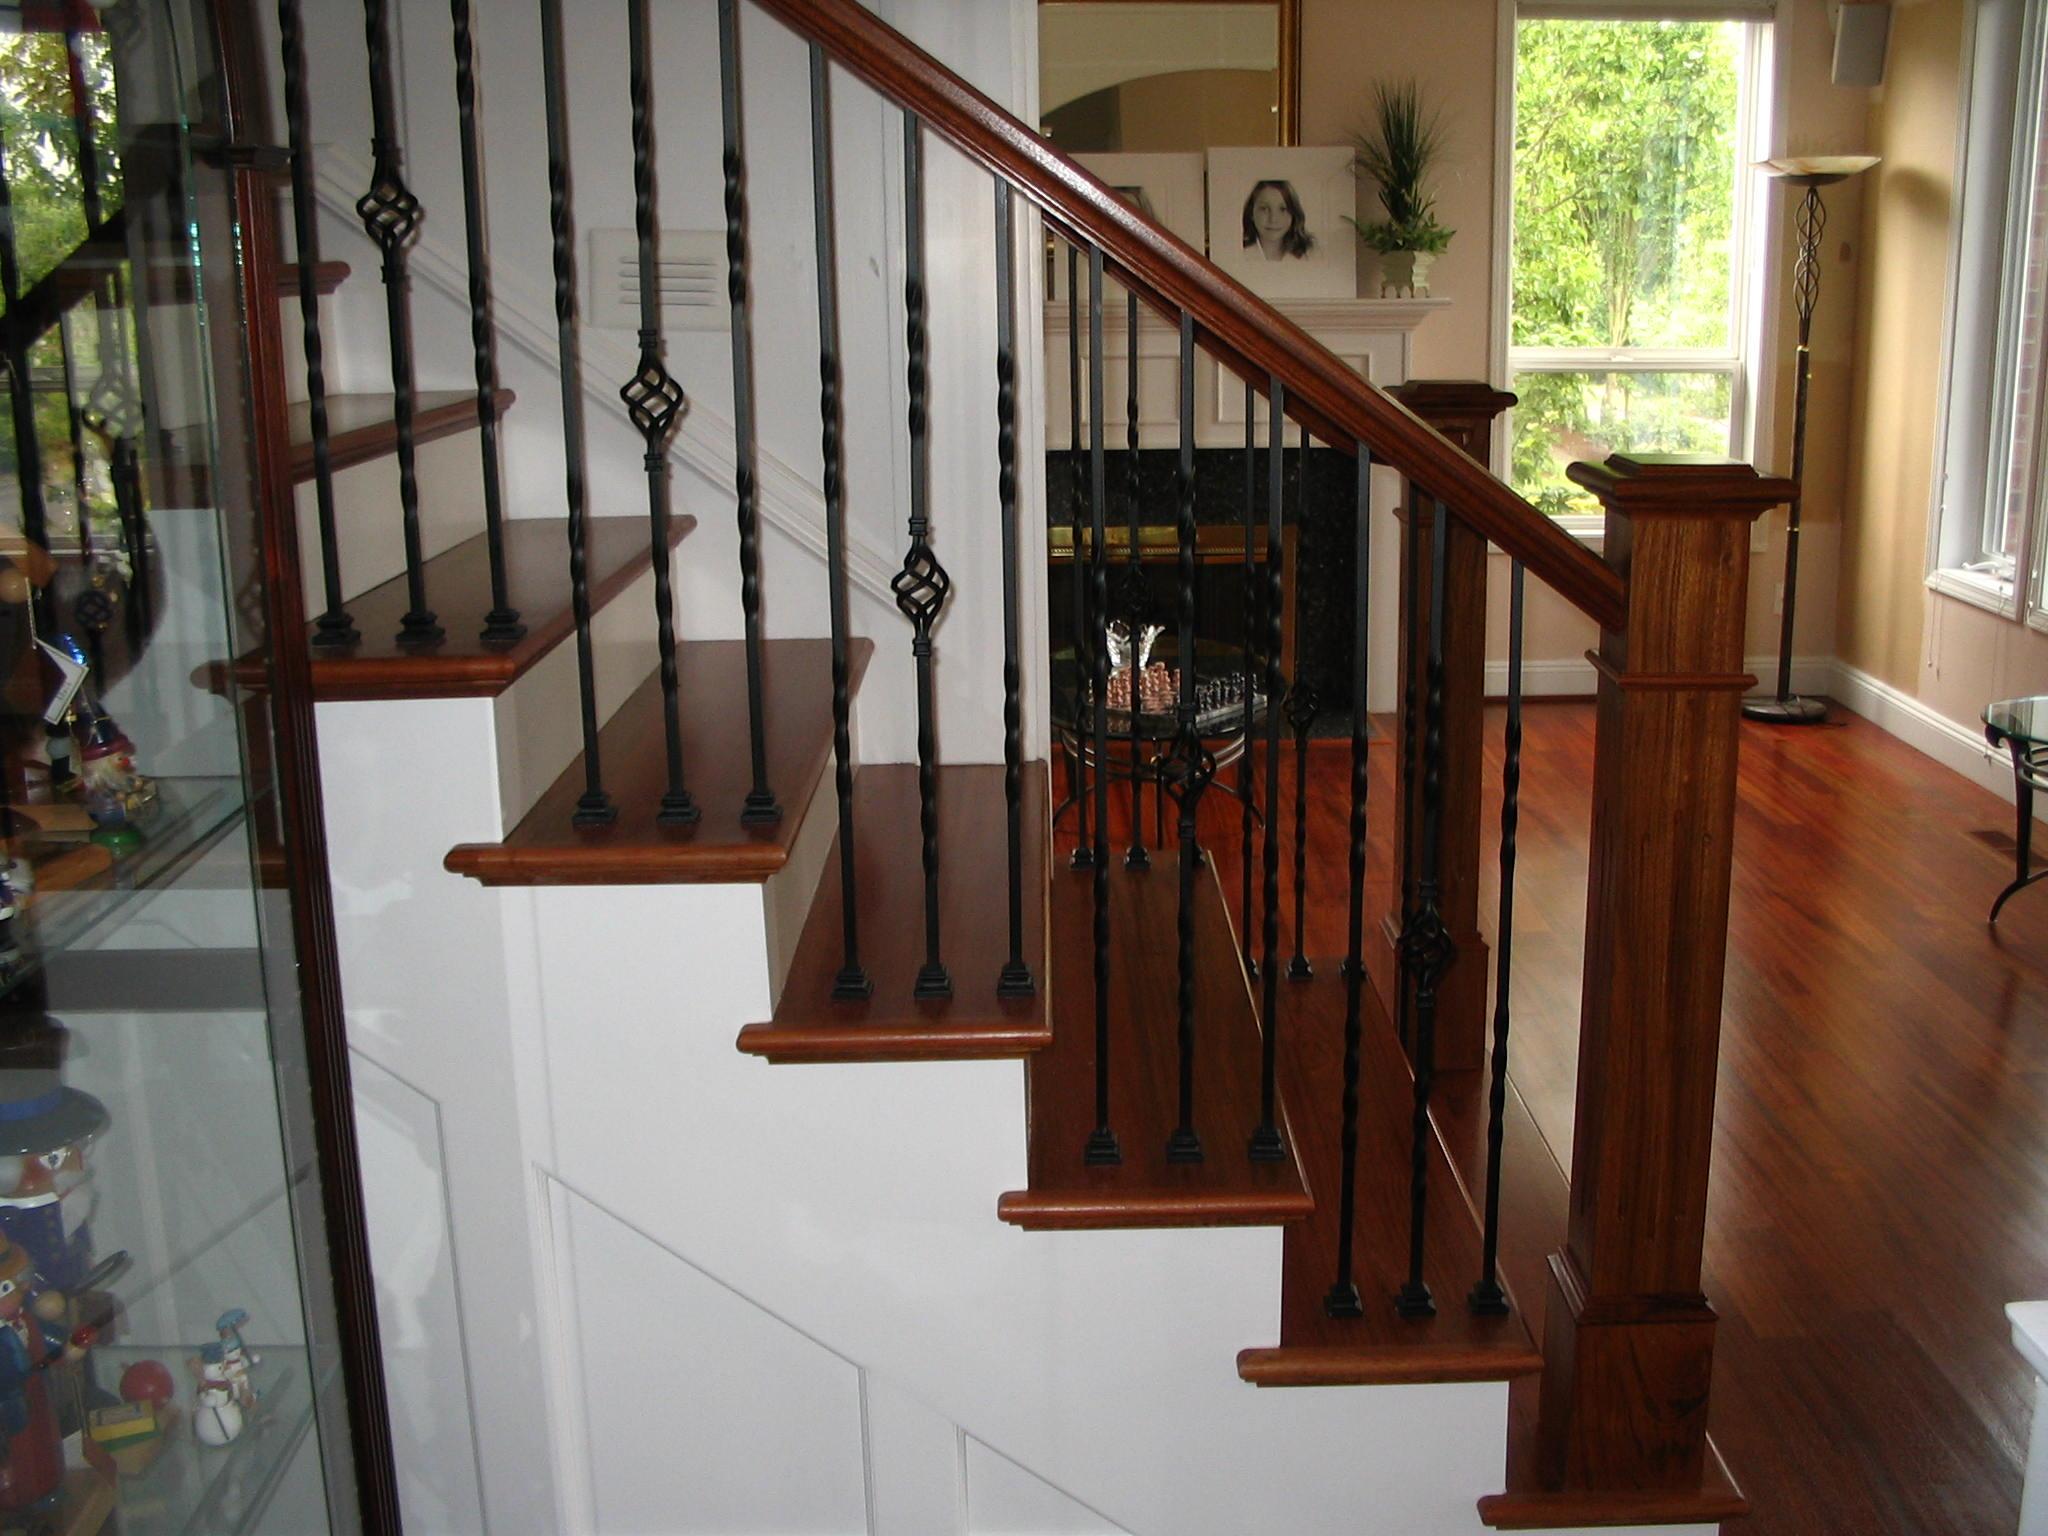 Brazilian cherry handrail, custom made posts, wrought iron ...